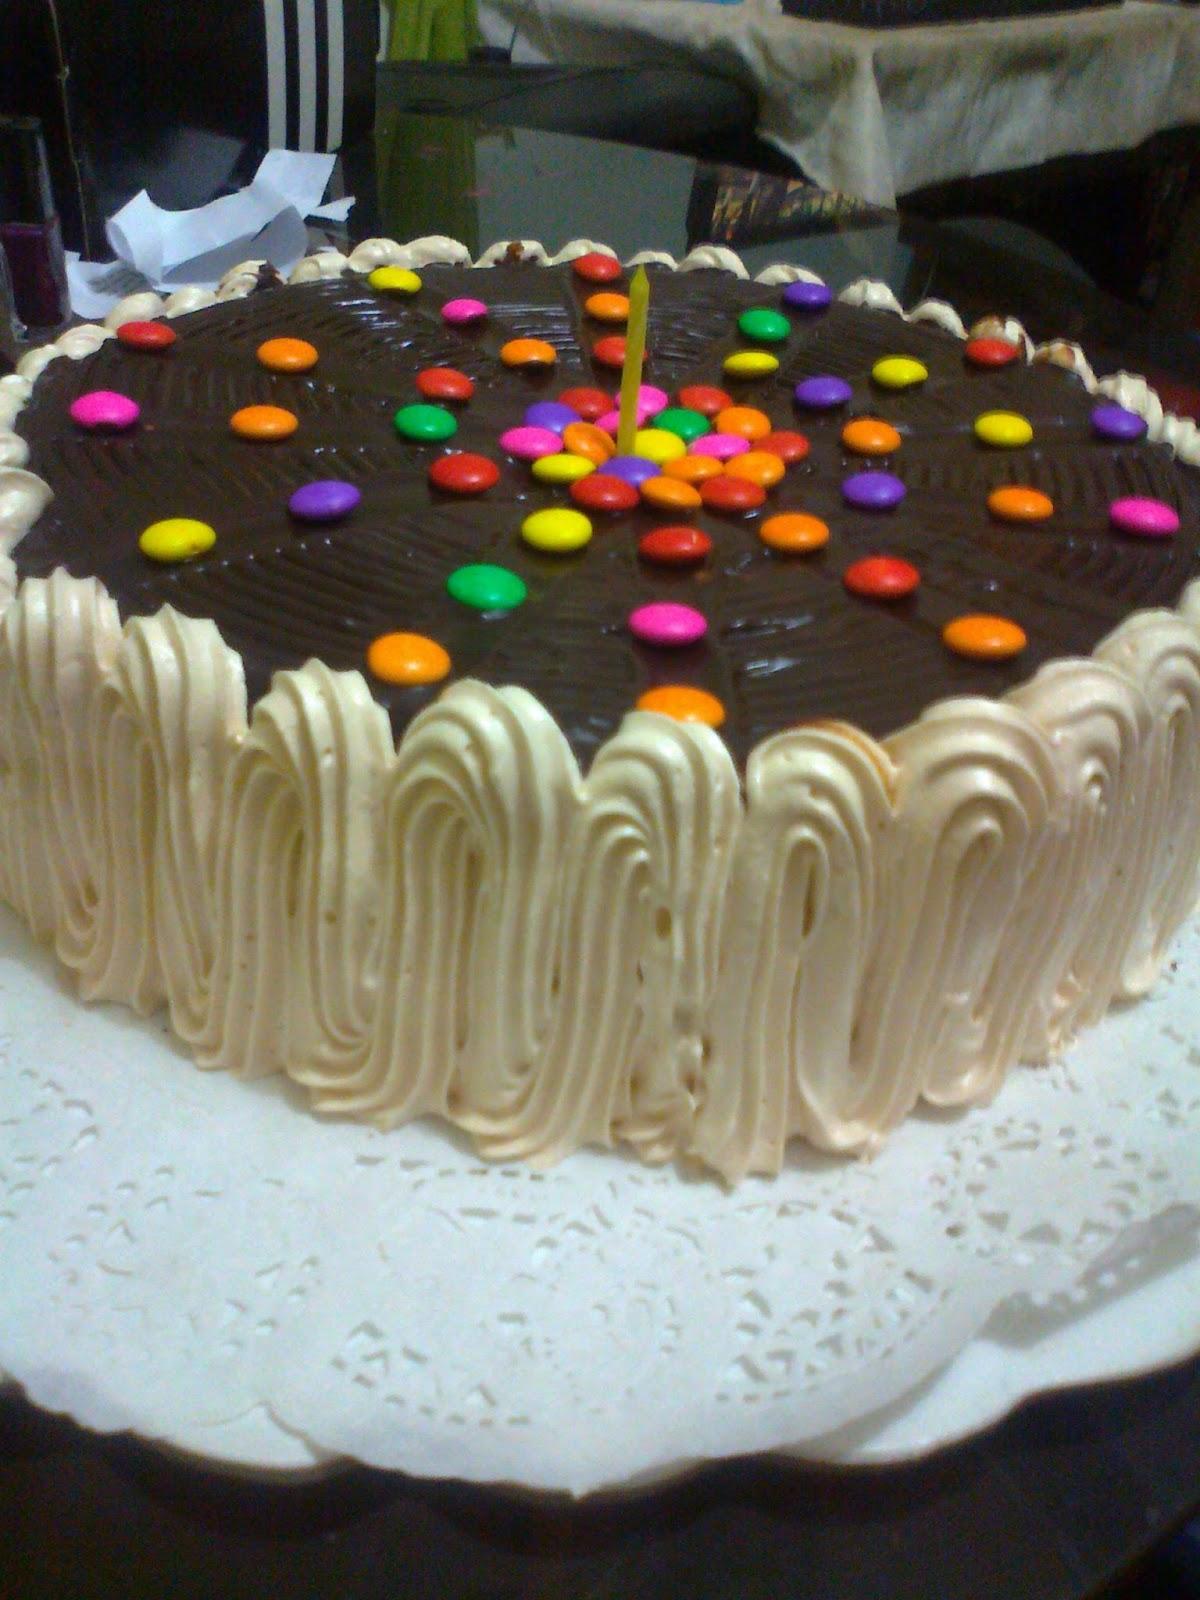 Decoracion de tortas pictures to pin on pinterest for Tortas decoradas faciles